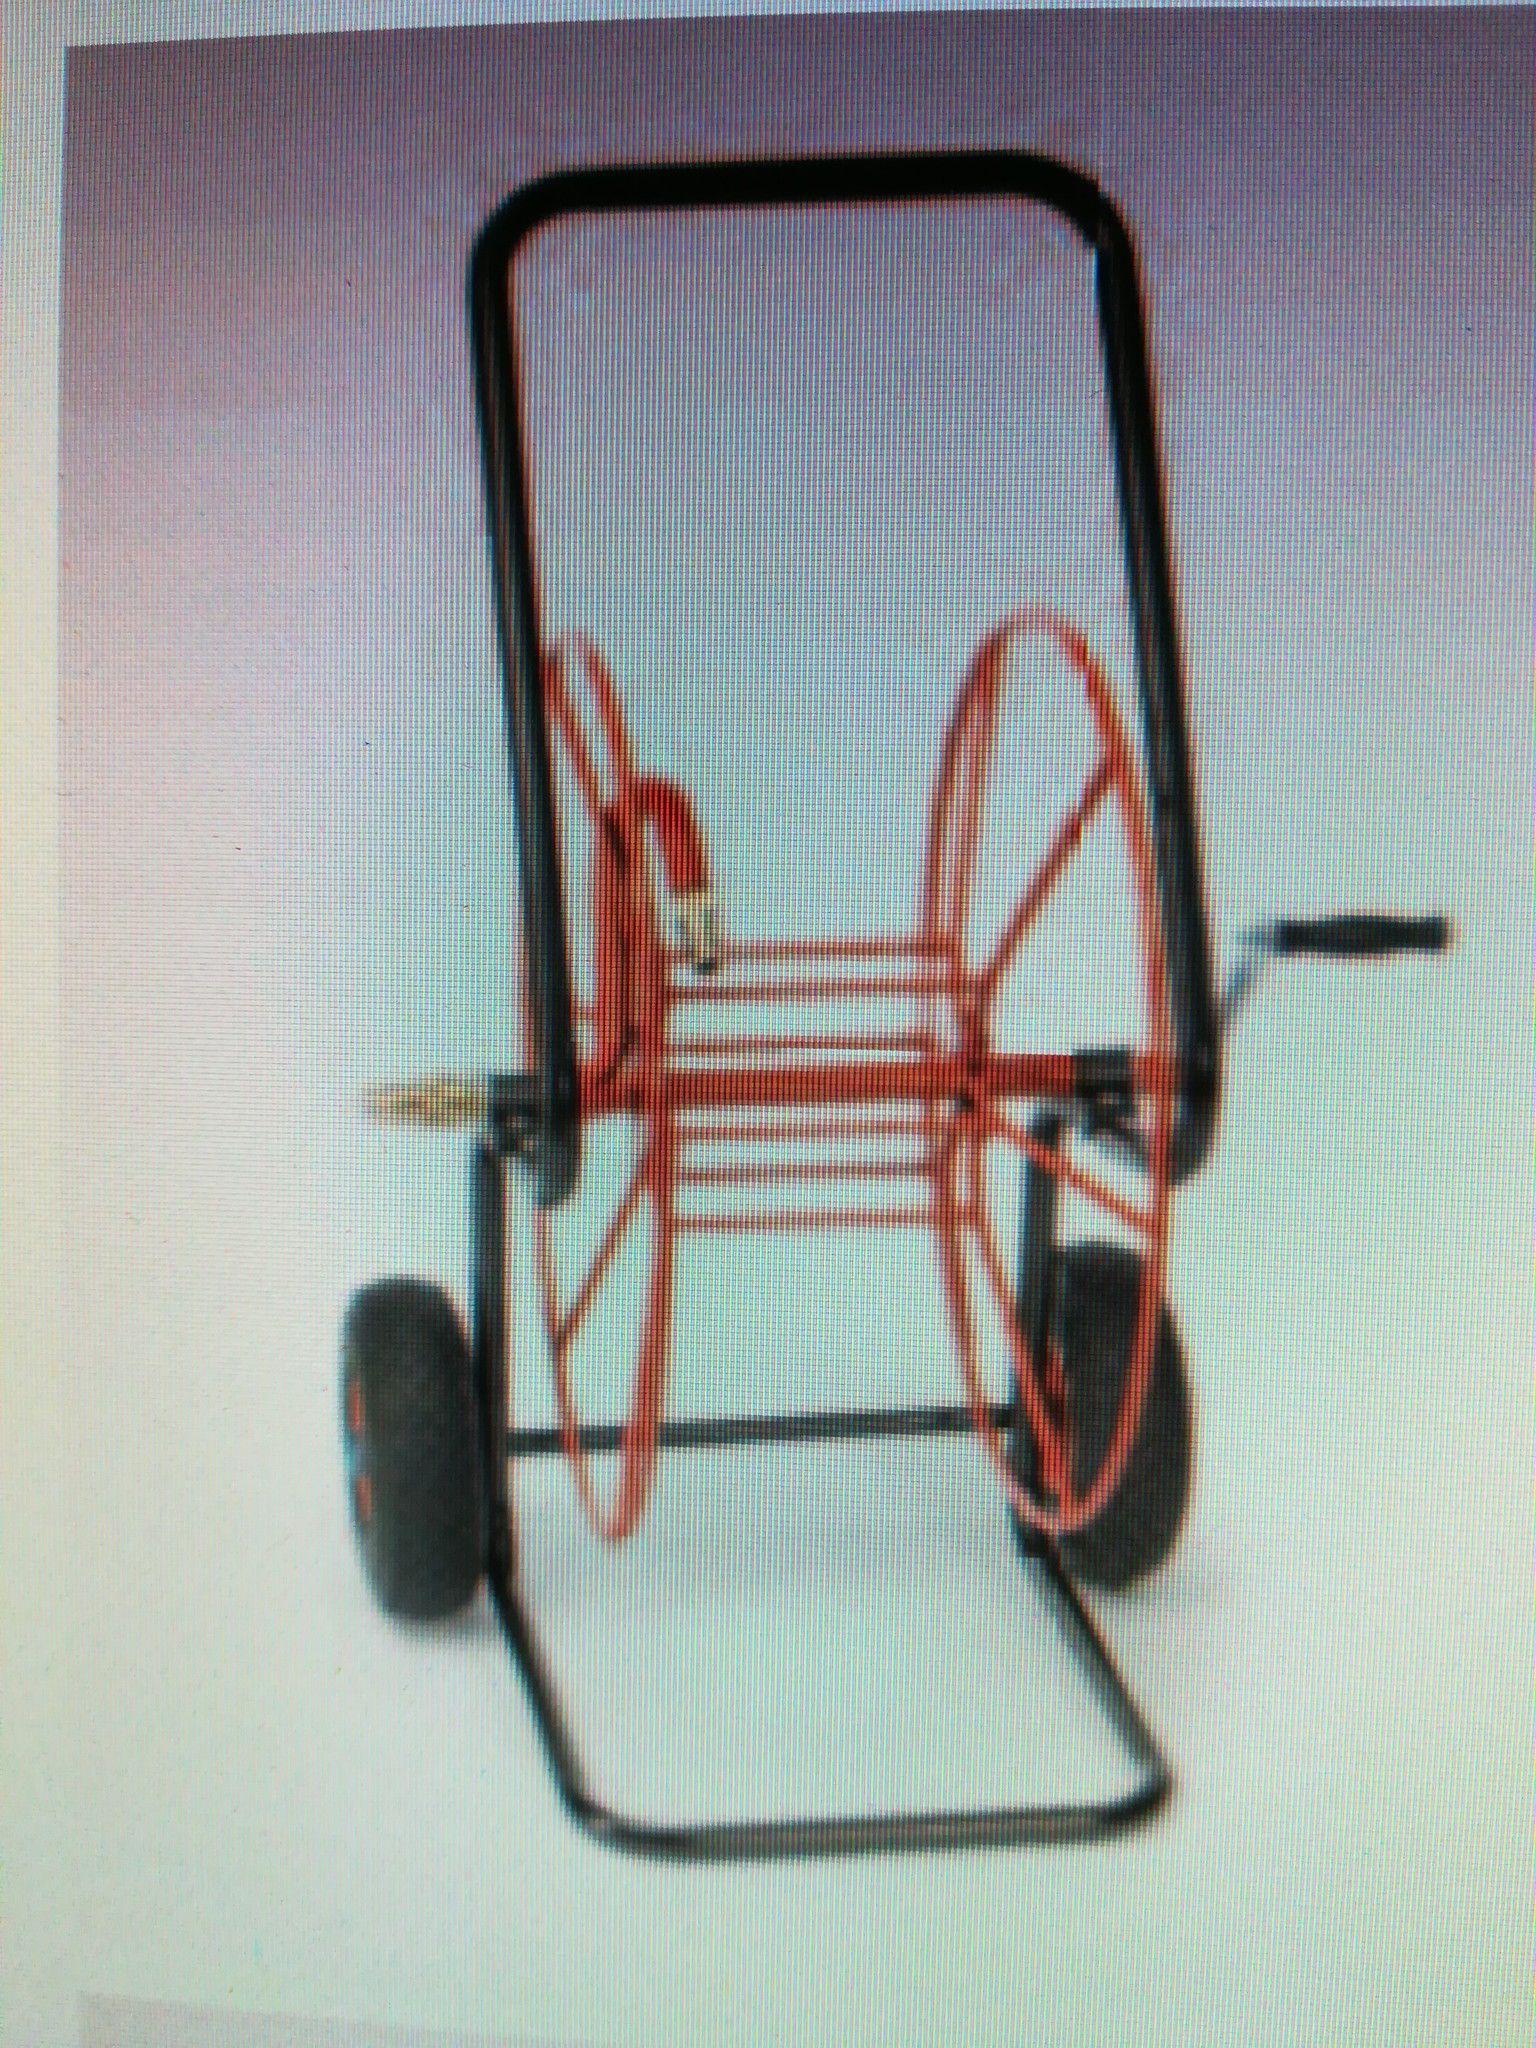 Carrello acciaio verniciato con ruote pneumatiche e raccorderia in ottone